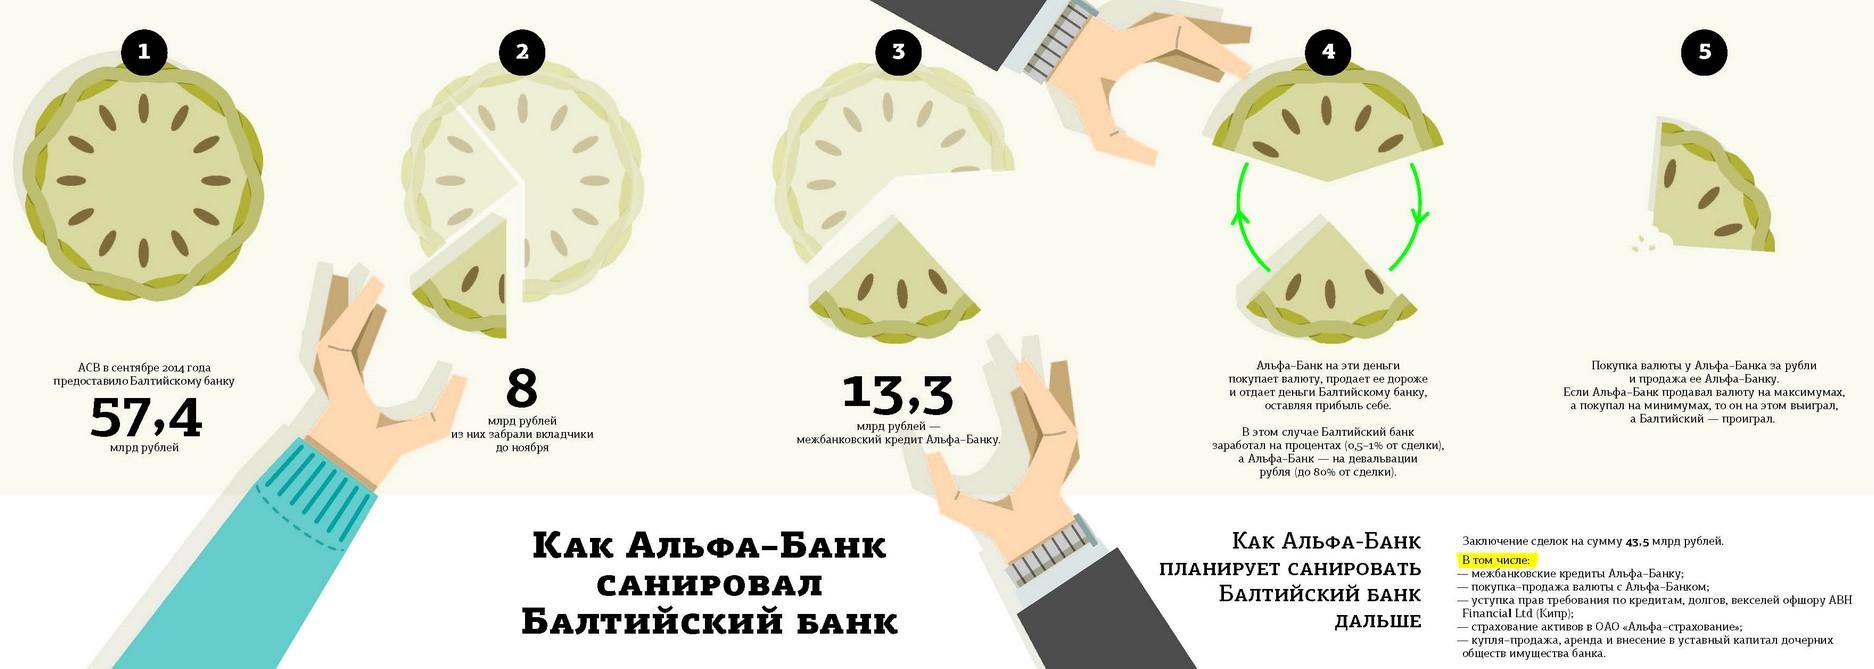 купить валюту